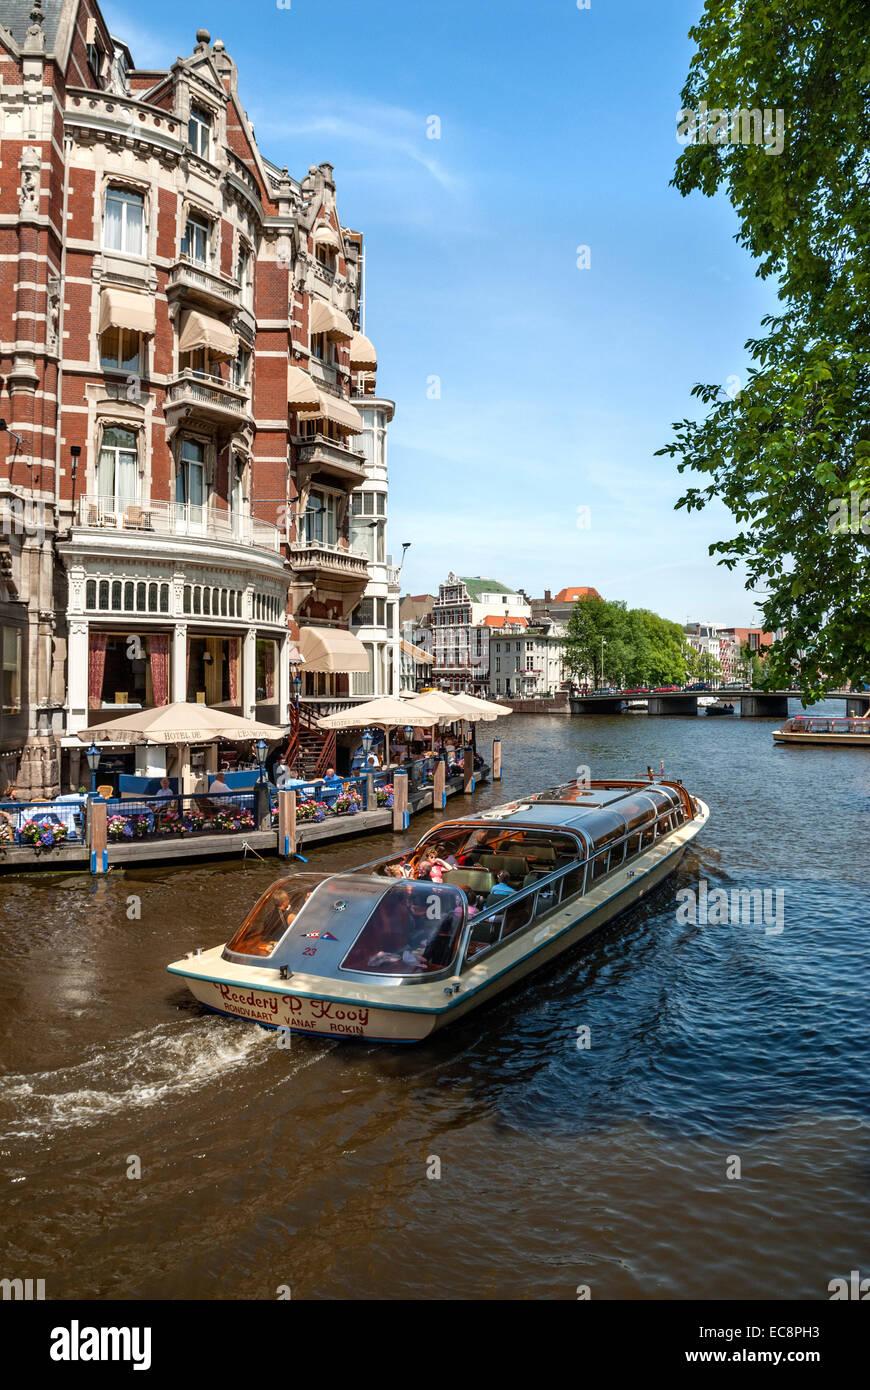 Bateaux de la conduite dans un canal d'eau dans le centre-ville d'Amsterdam, Hollande. Banque D'Images